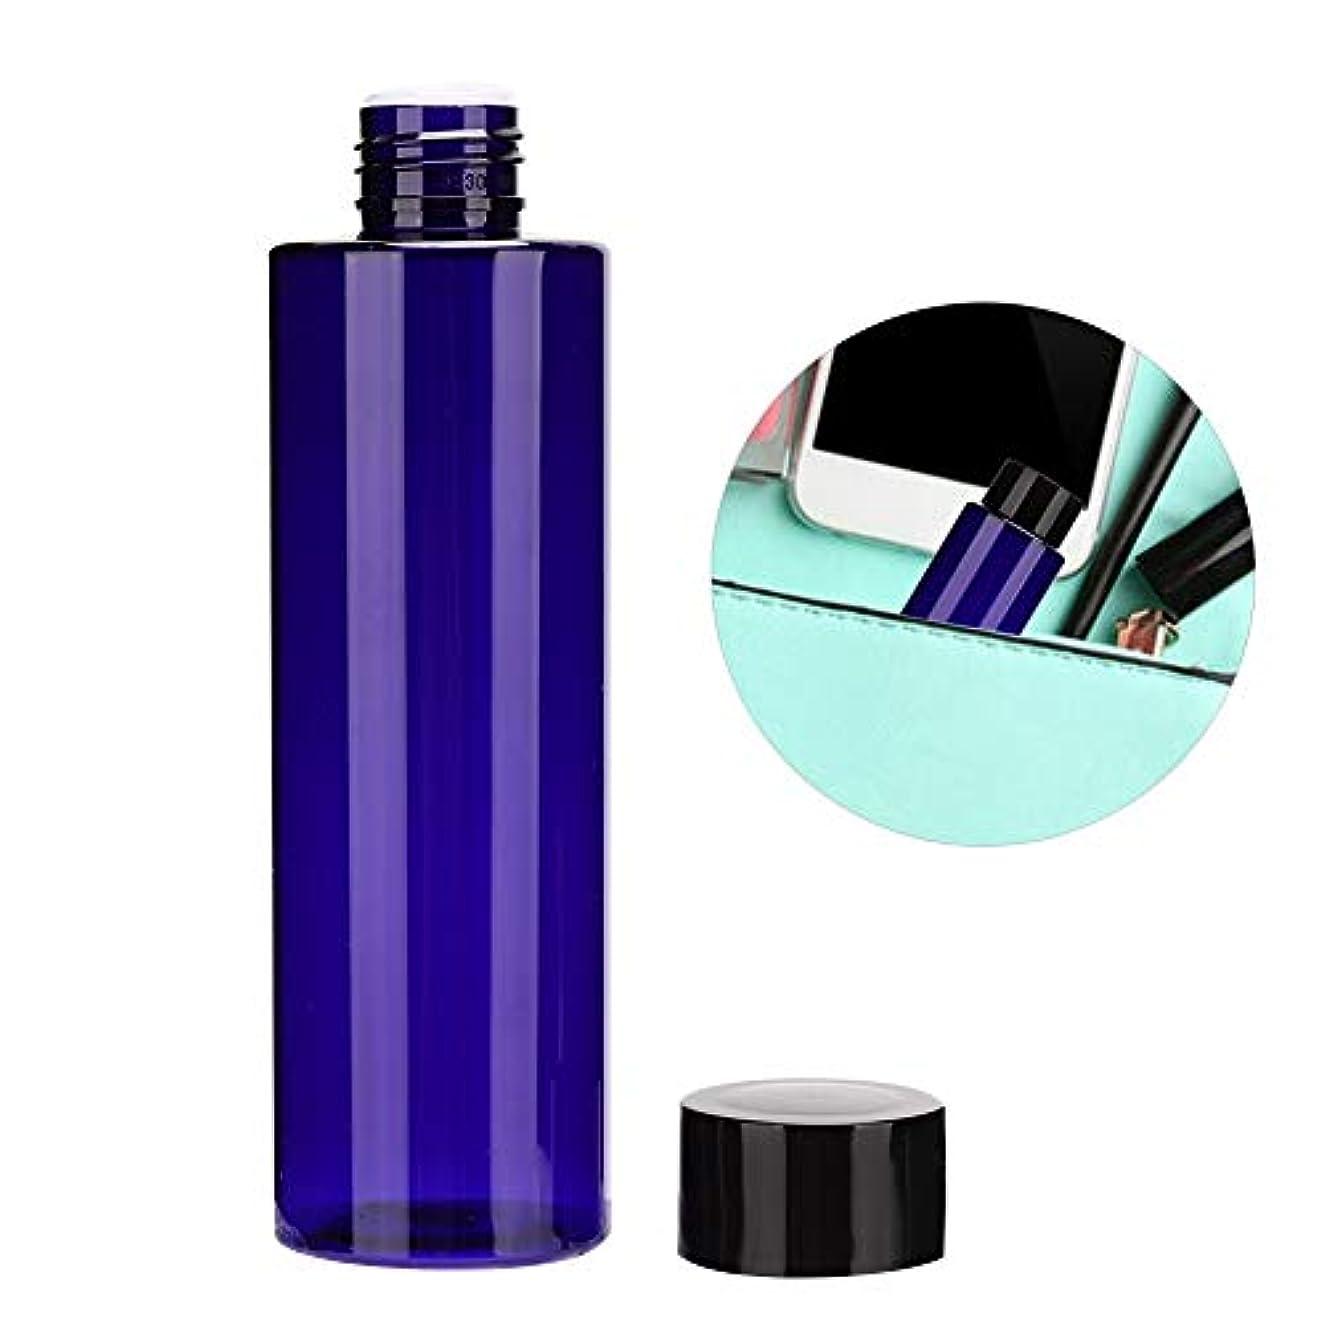 リファイン言語永久200ML PET 詰め替え 可能な空 液体ボトルローション スキンケア 製品 空の化粧品 トナーコンテナボトル